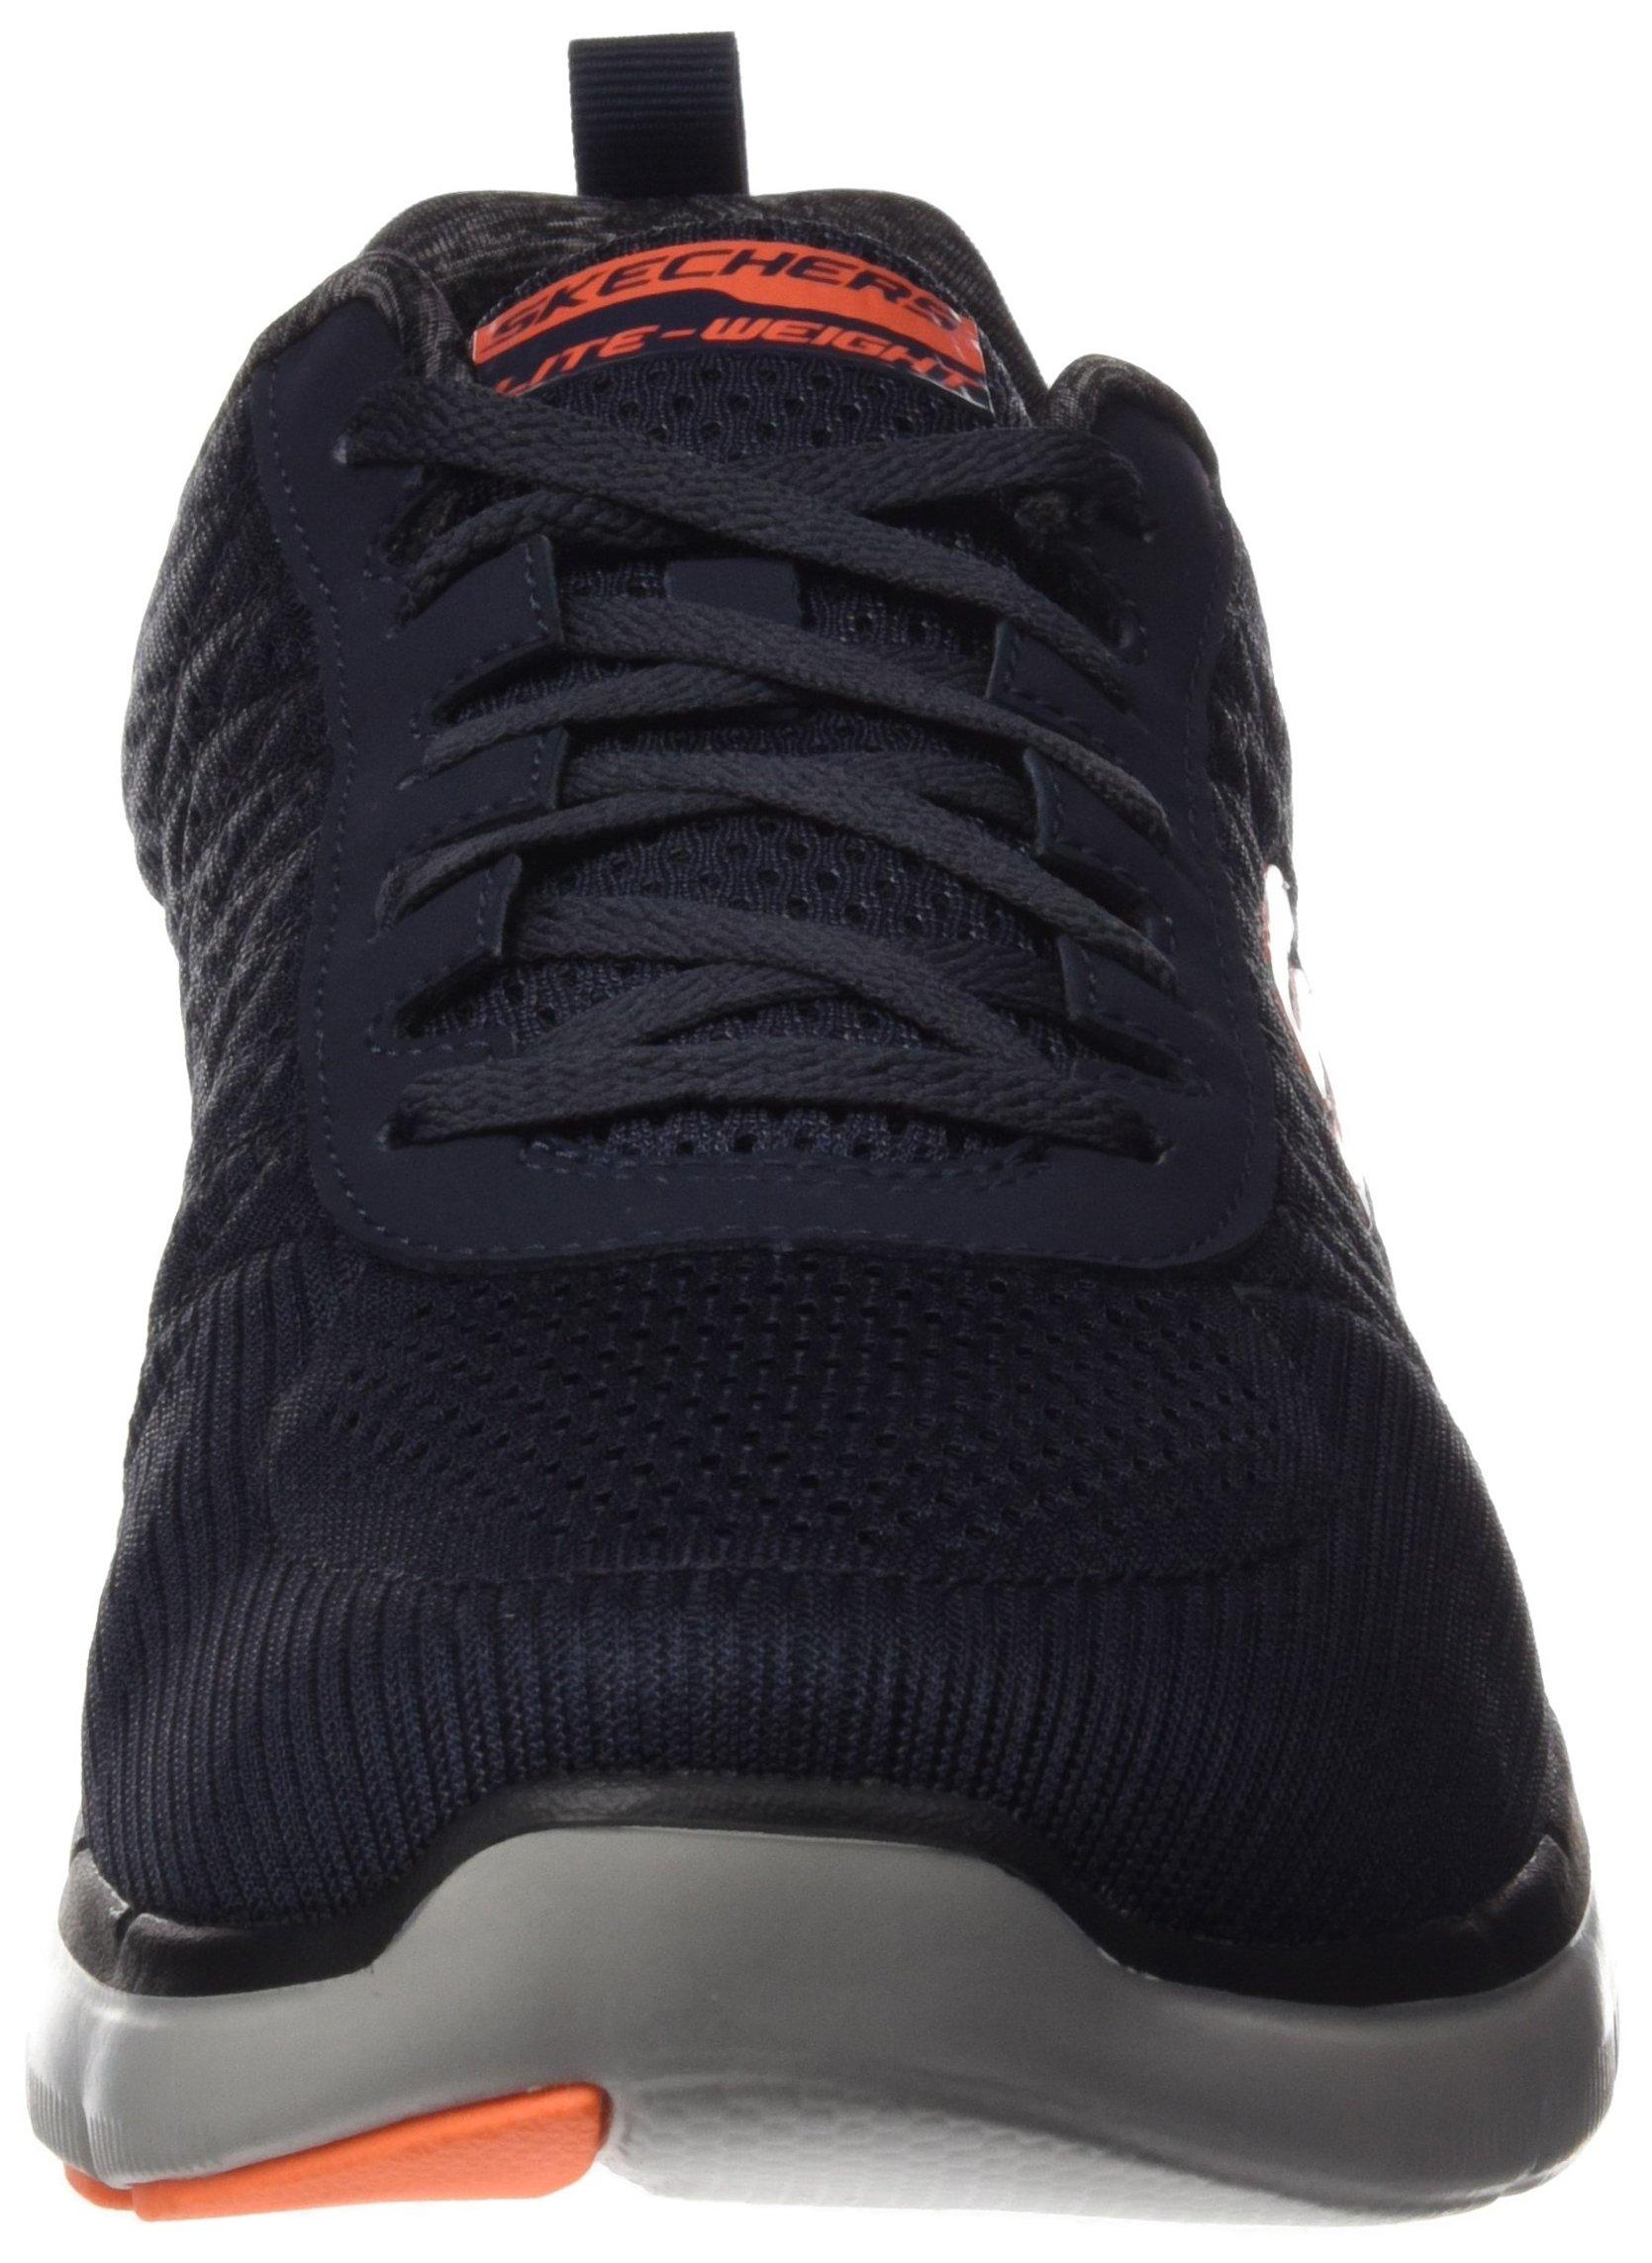 Skechers Flex Advantage 2.0, Zapatillas De Deporte Para Exterior, Hombre